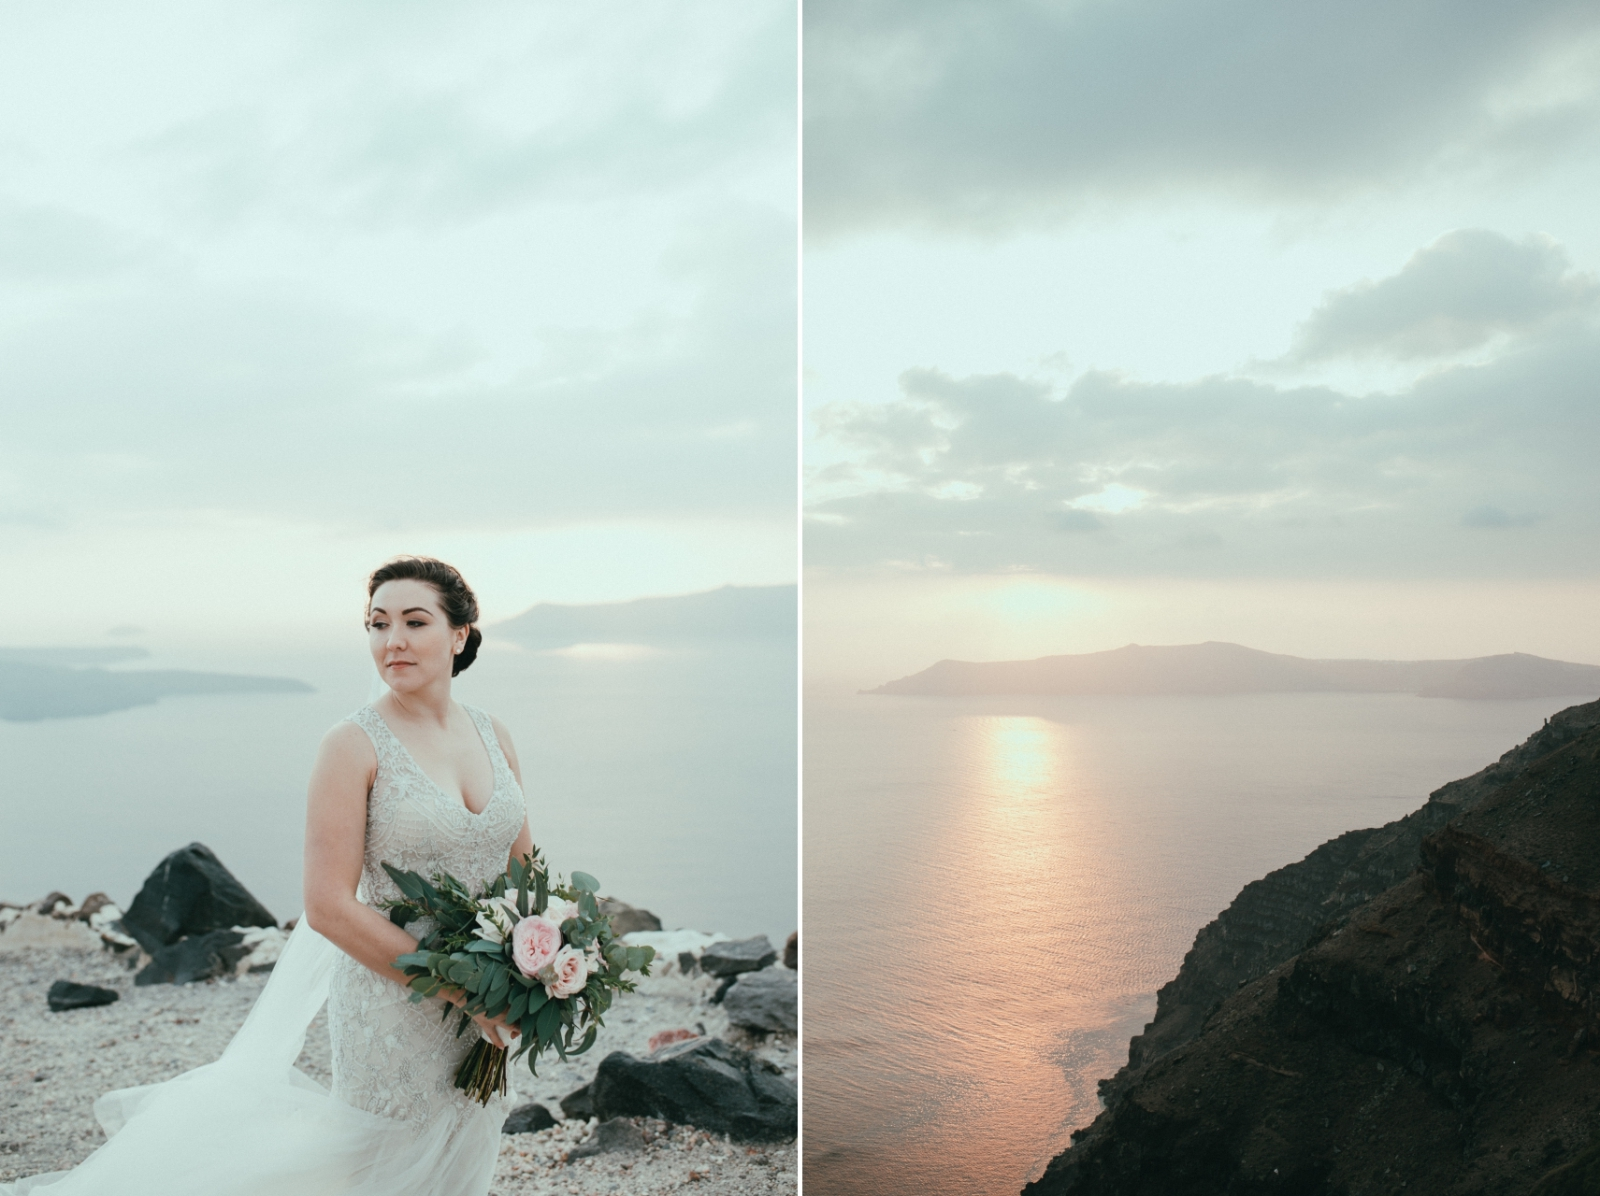 santorini-wedding-photographer76.jpg